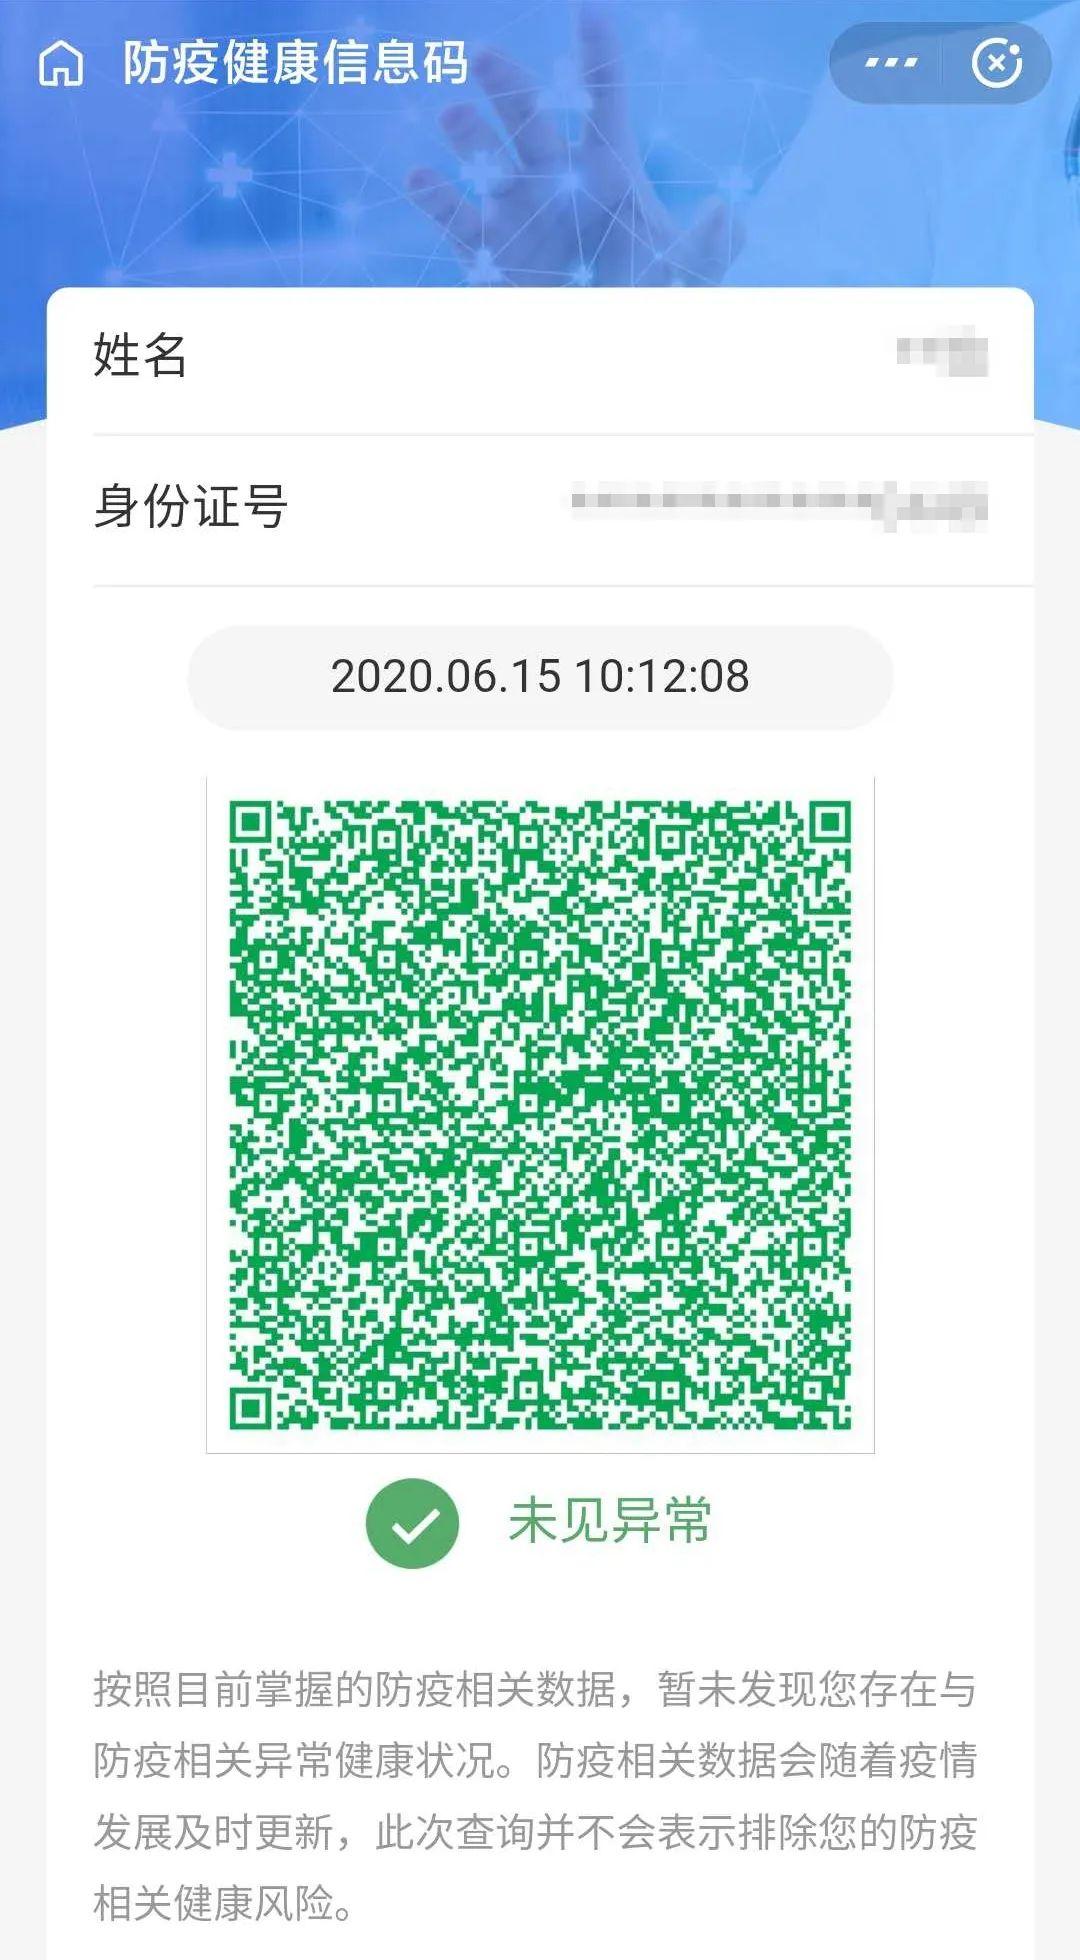 在北京的人去其他省份需要隔离吗?帮你问了!30个省份目前最全政策汇总